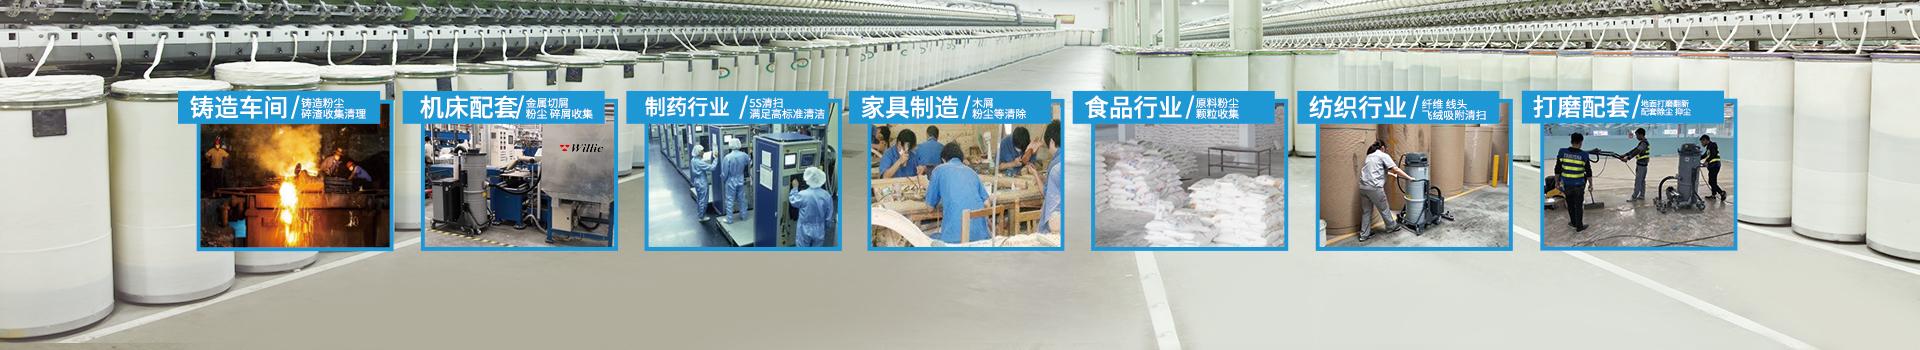 威立洁willic吸尘器工业级配置、适用性强